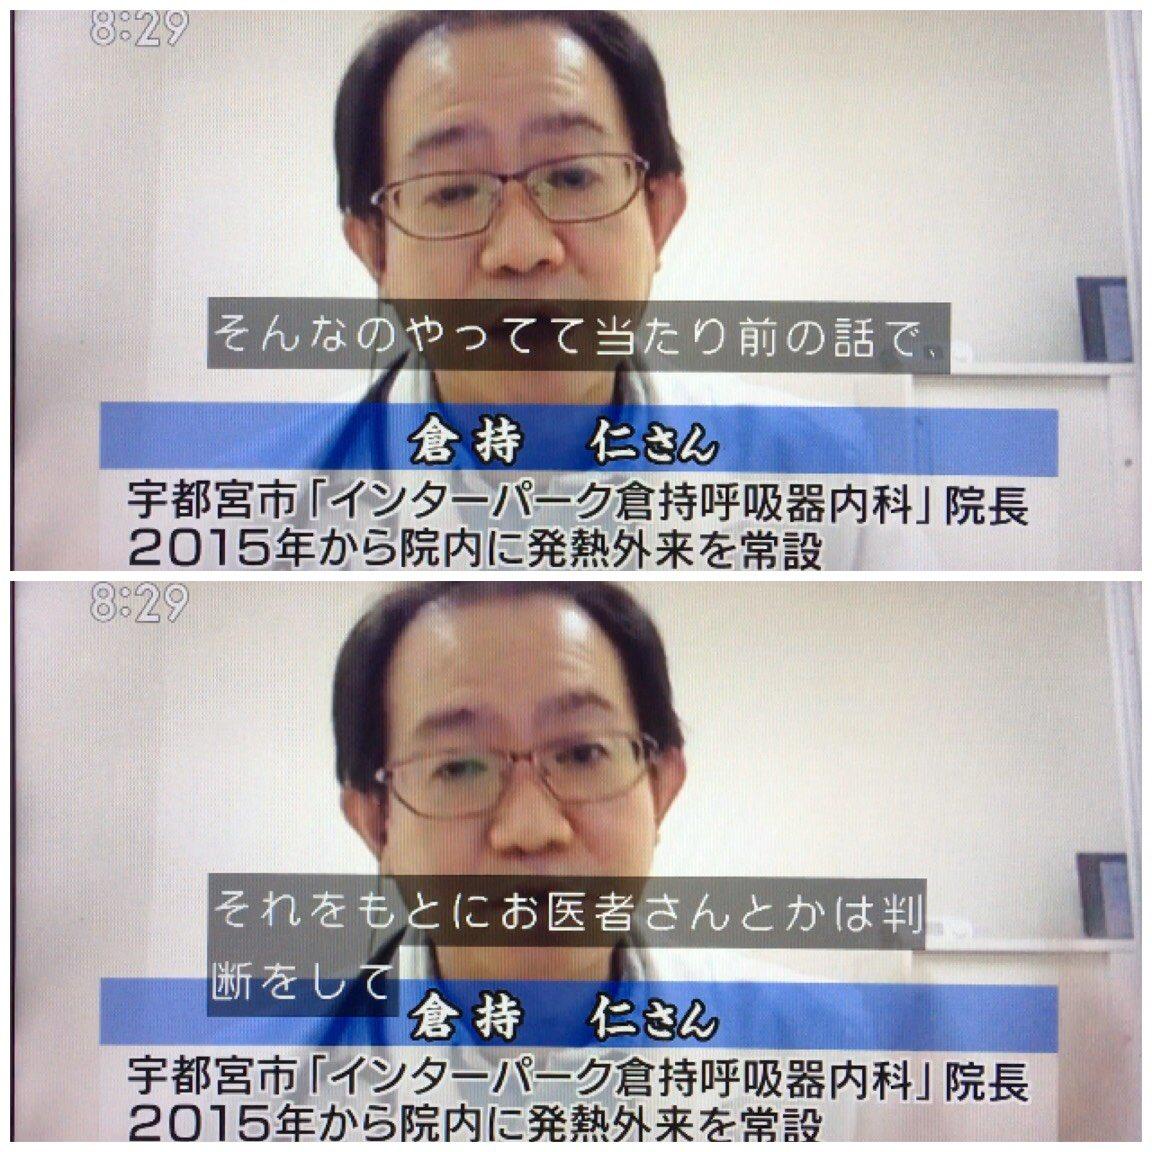 仁 医師 倉持 コロナで「大阪の死亡者はインドよりも多い」医師が「サンモニ」で伝える/芸能/デイリースポーツ online